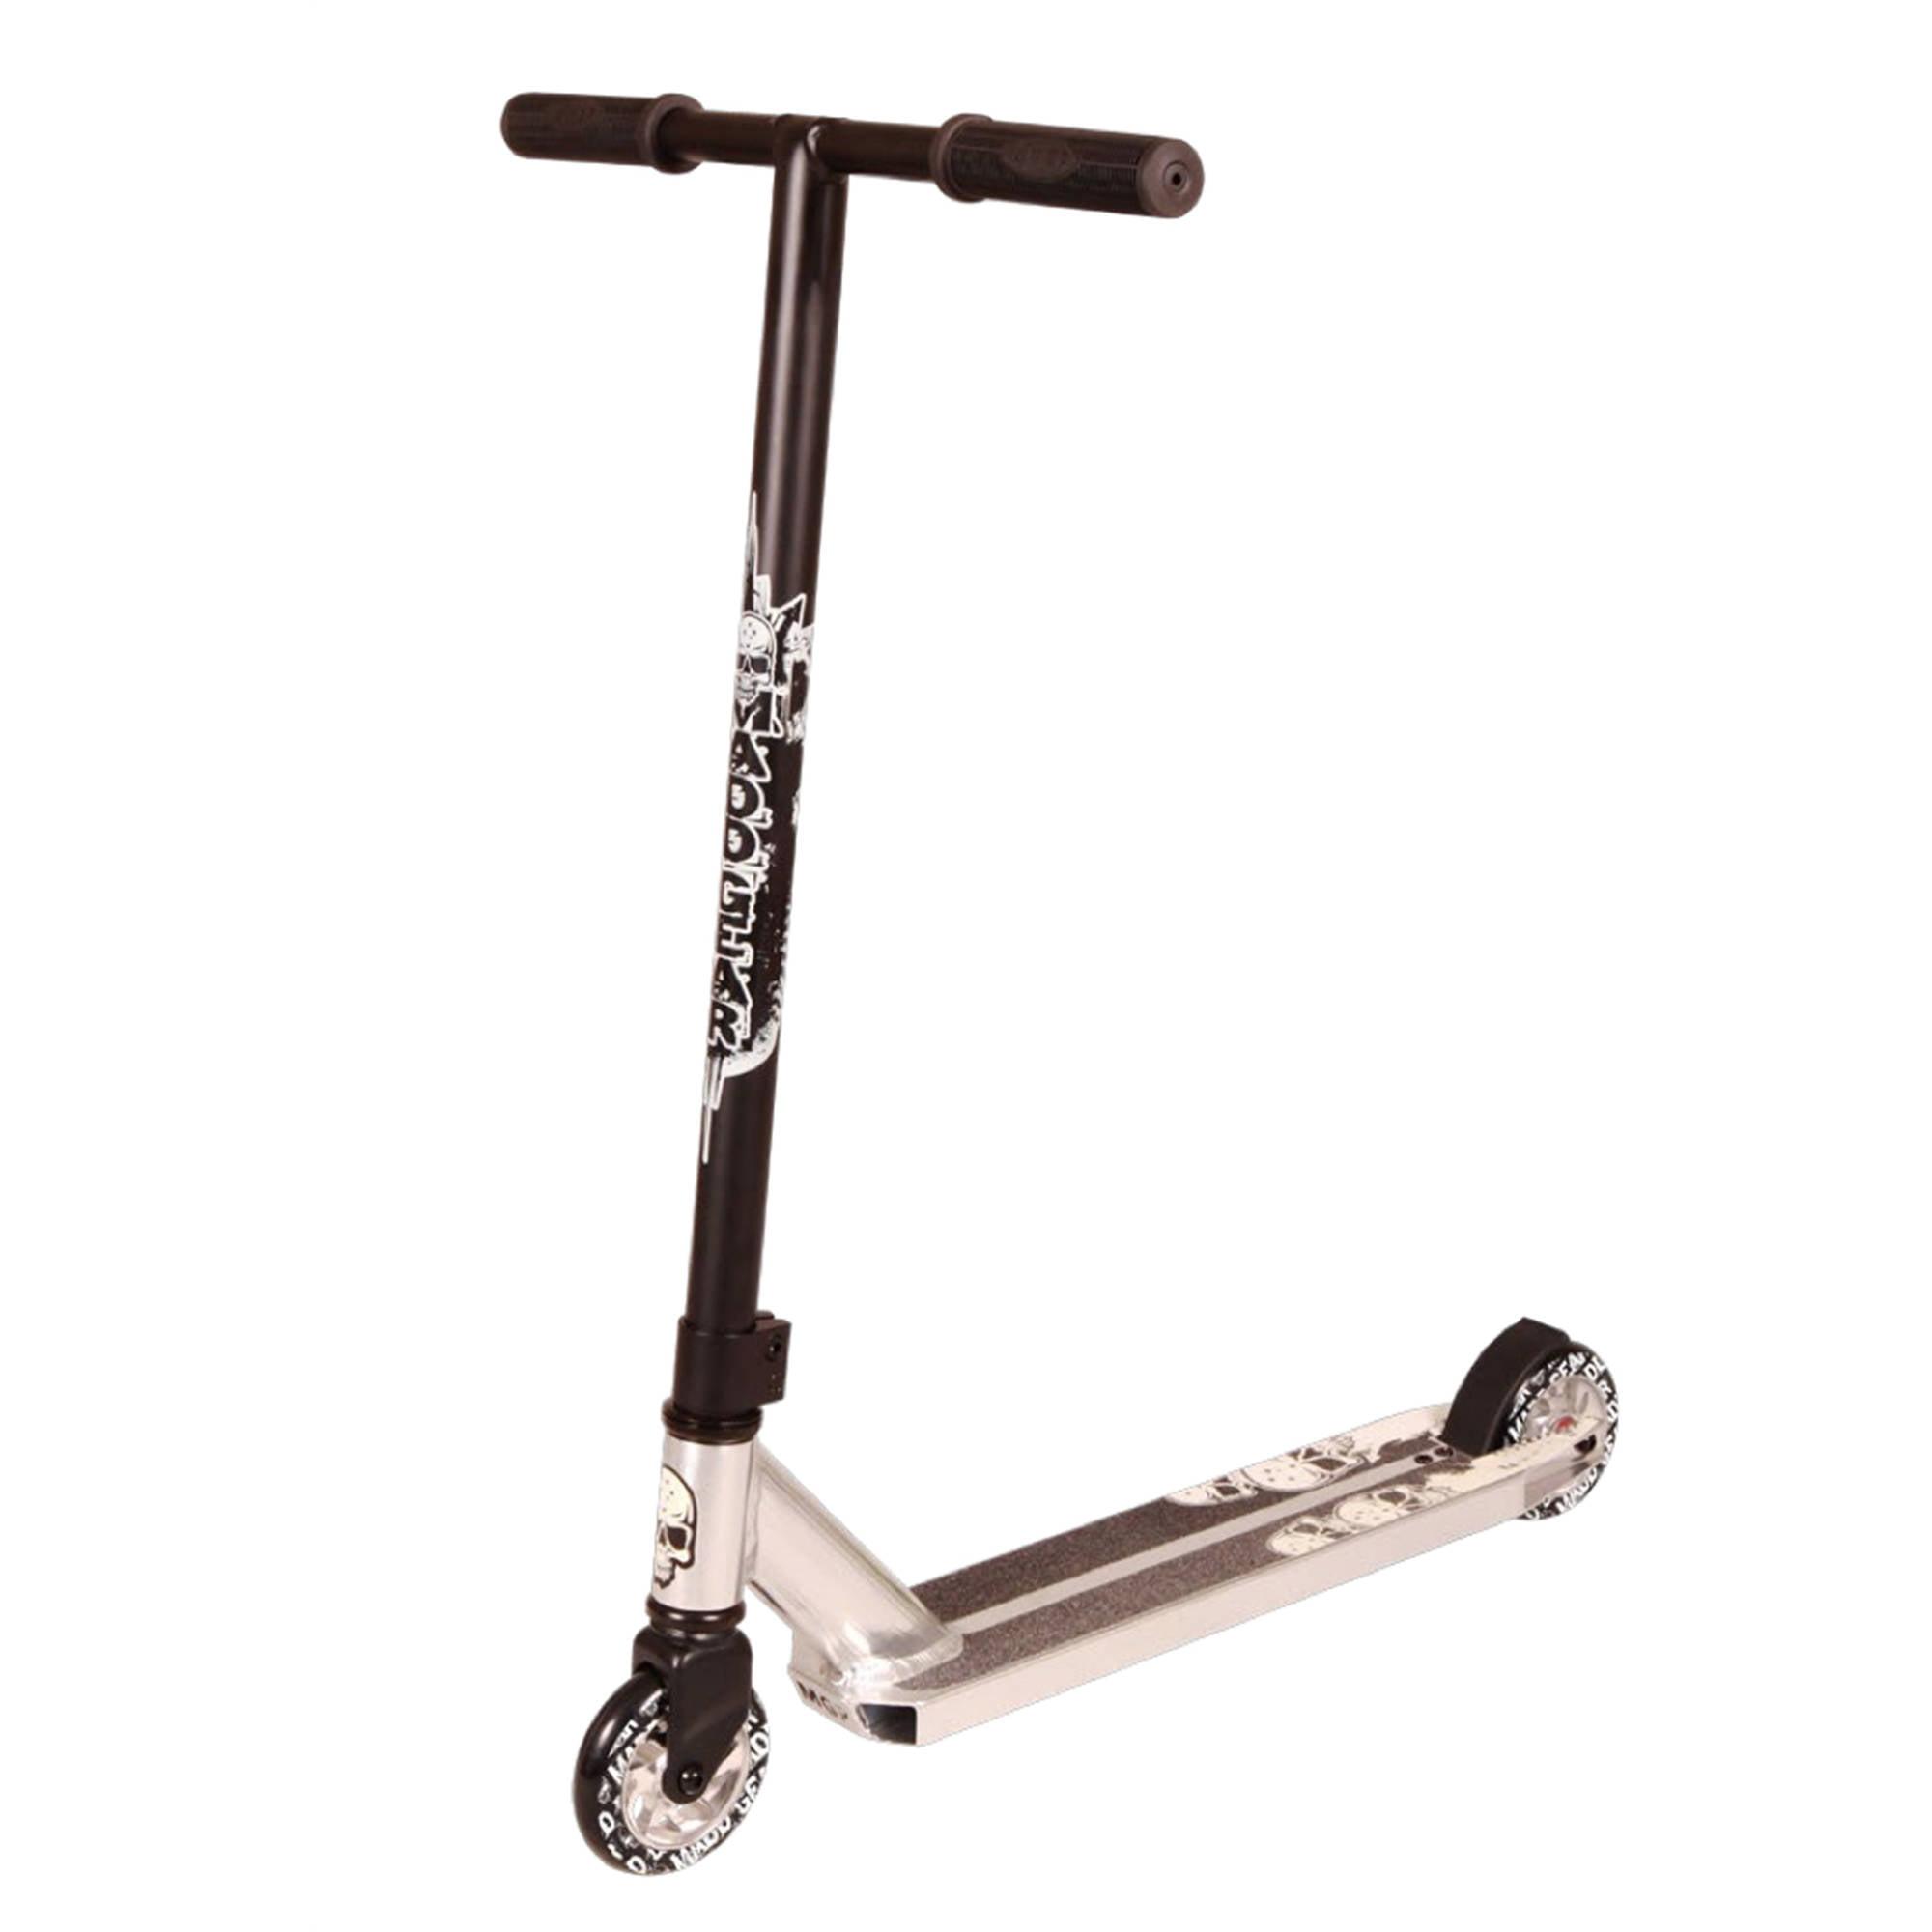 mgp pro scooter walmart